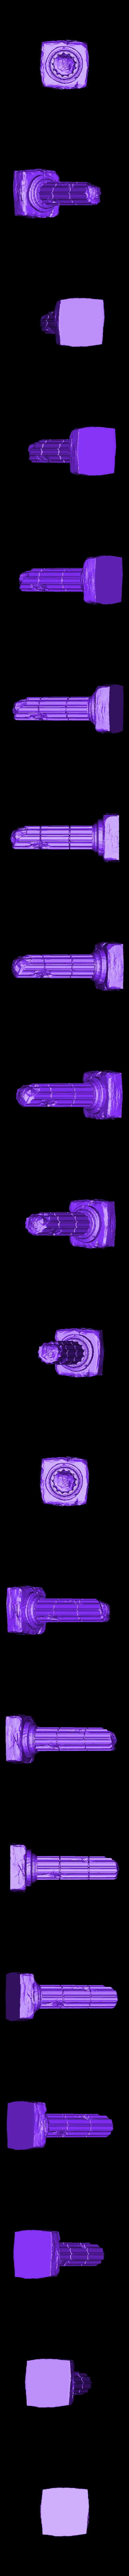 Column_B.stl Télécharger fichier STL gratuit Colonne de ruines romaines/grecques • Plan pour imprimante 3D, DarkRealms